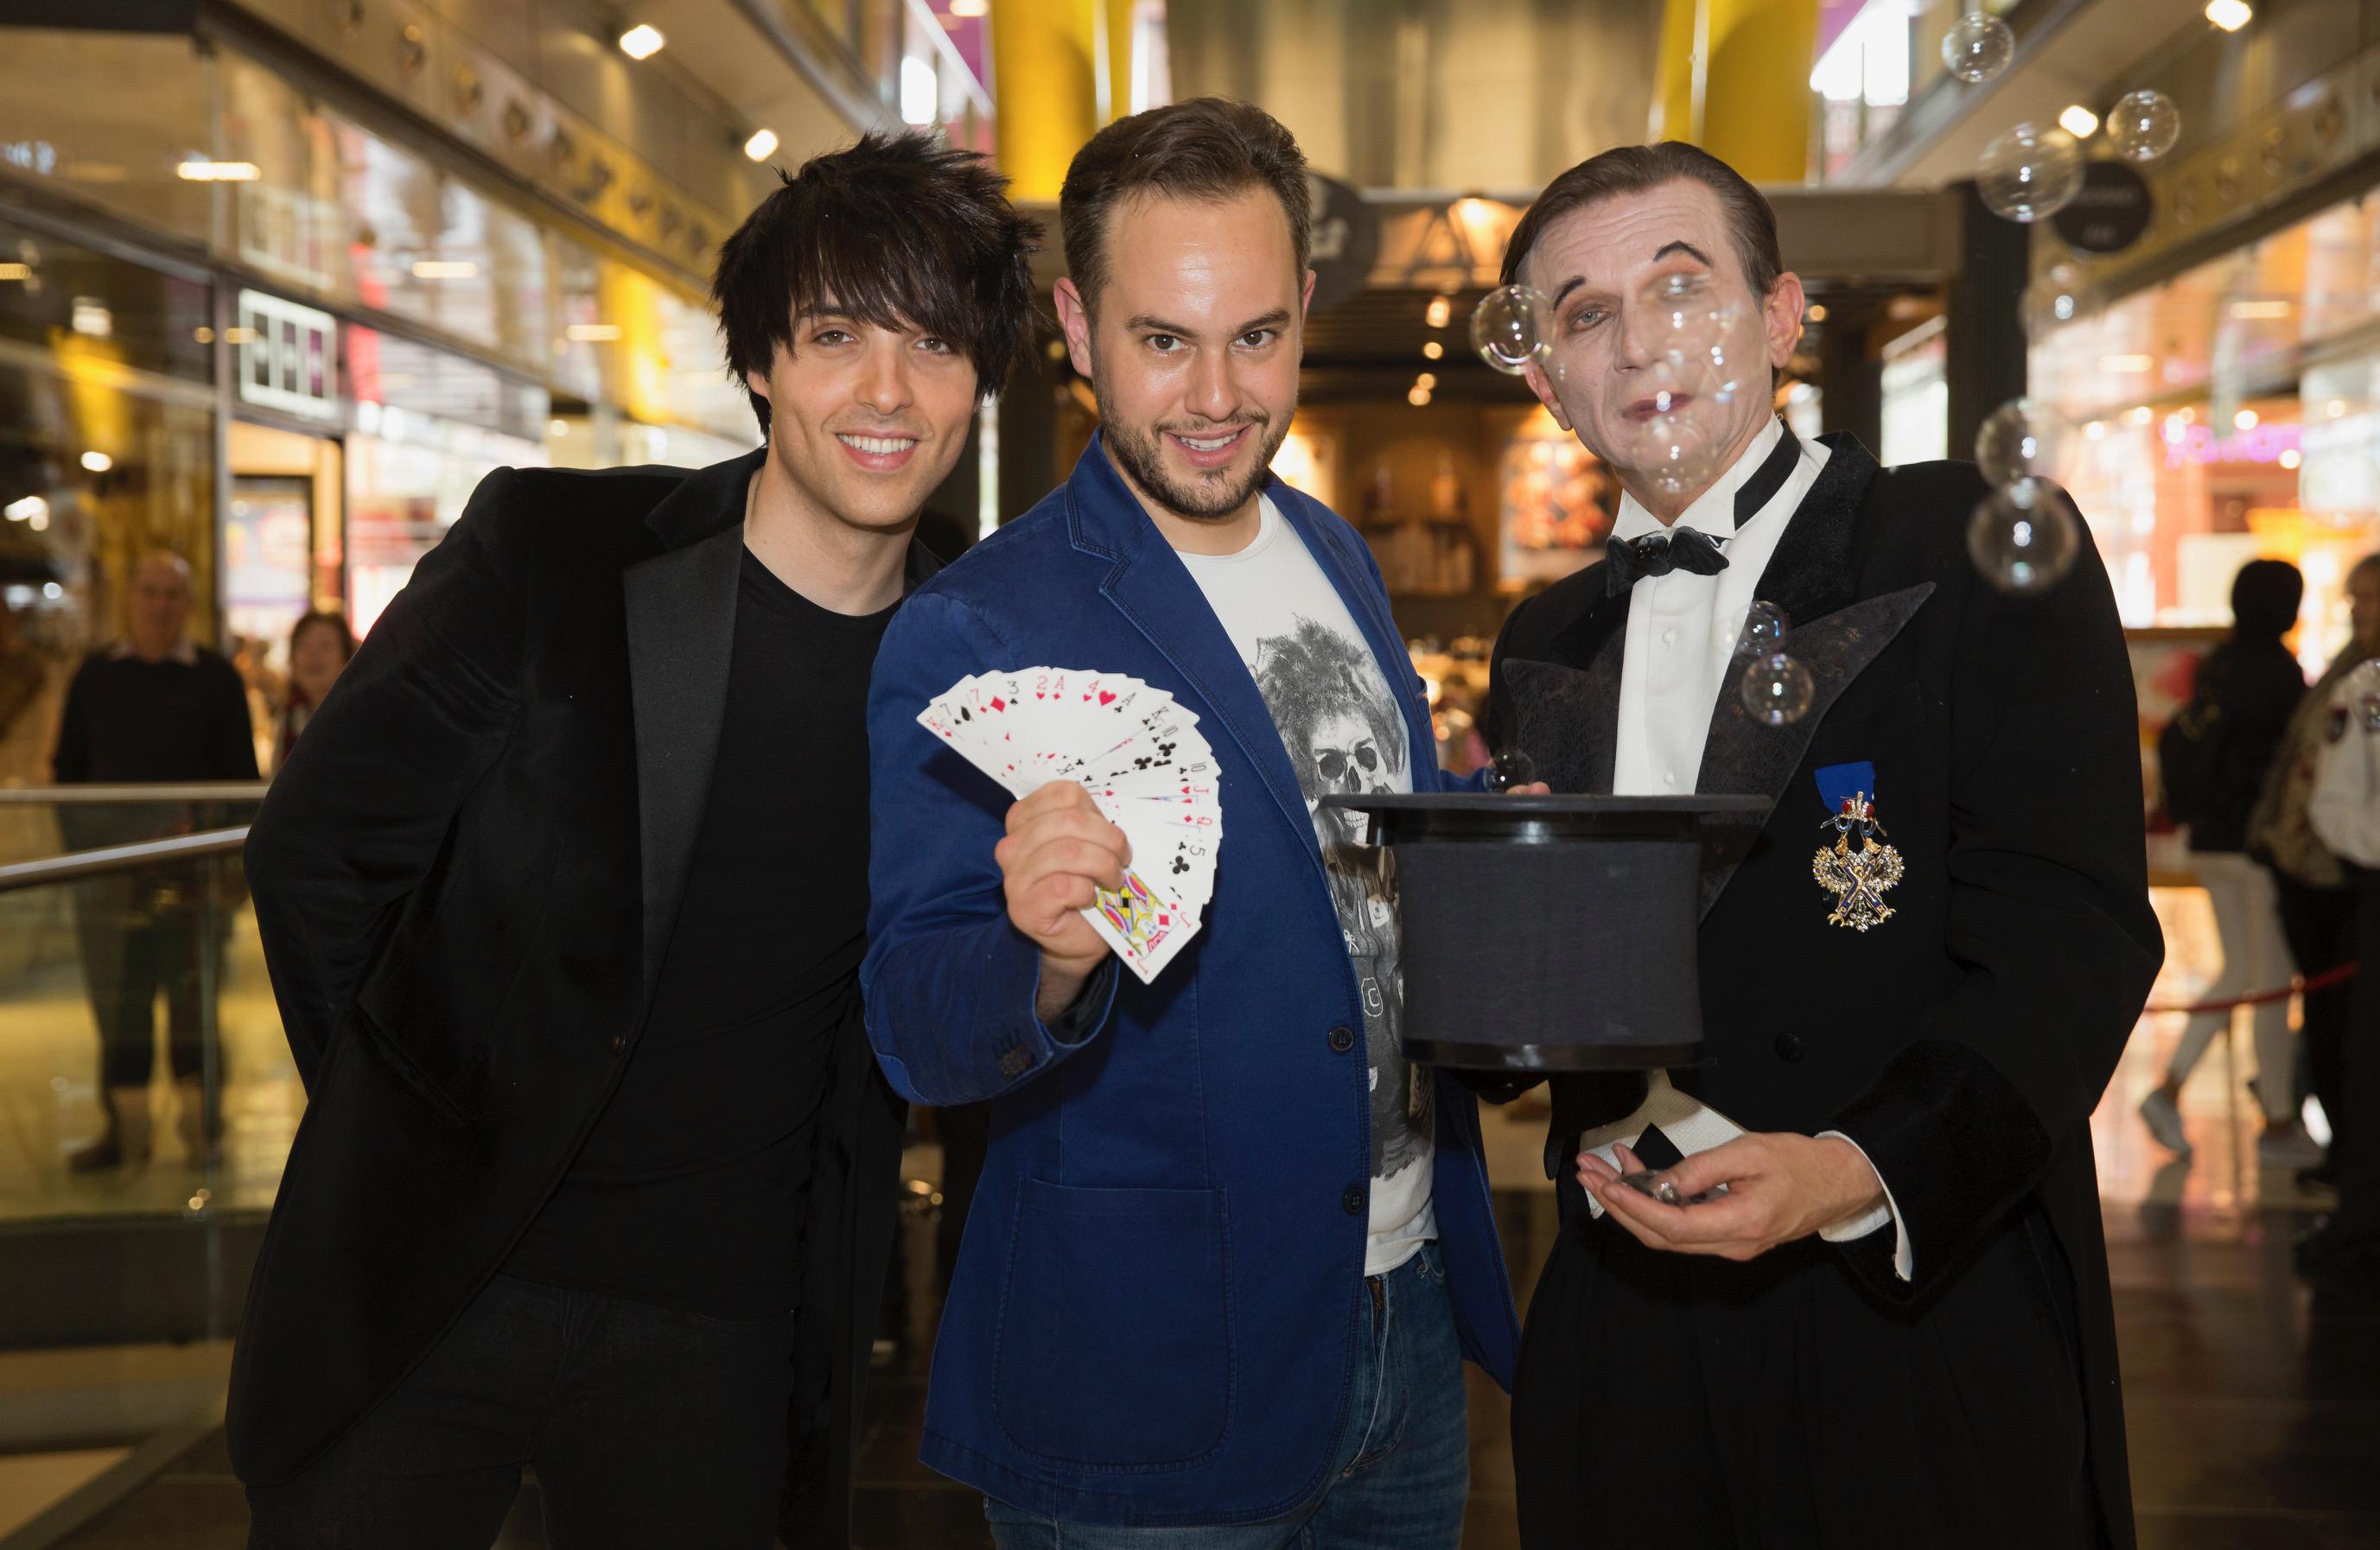 MagFest-magos-magia-Barcelona-Jorge-blass-teatro-victoria (3)